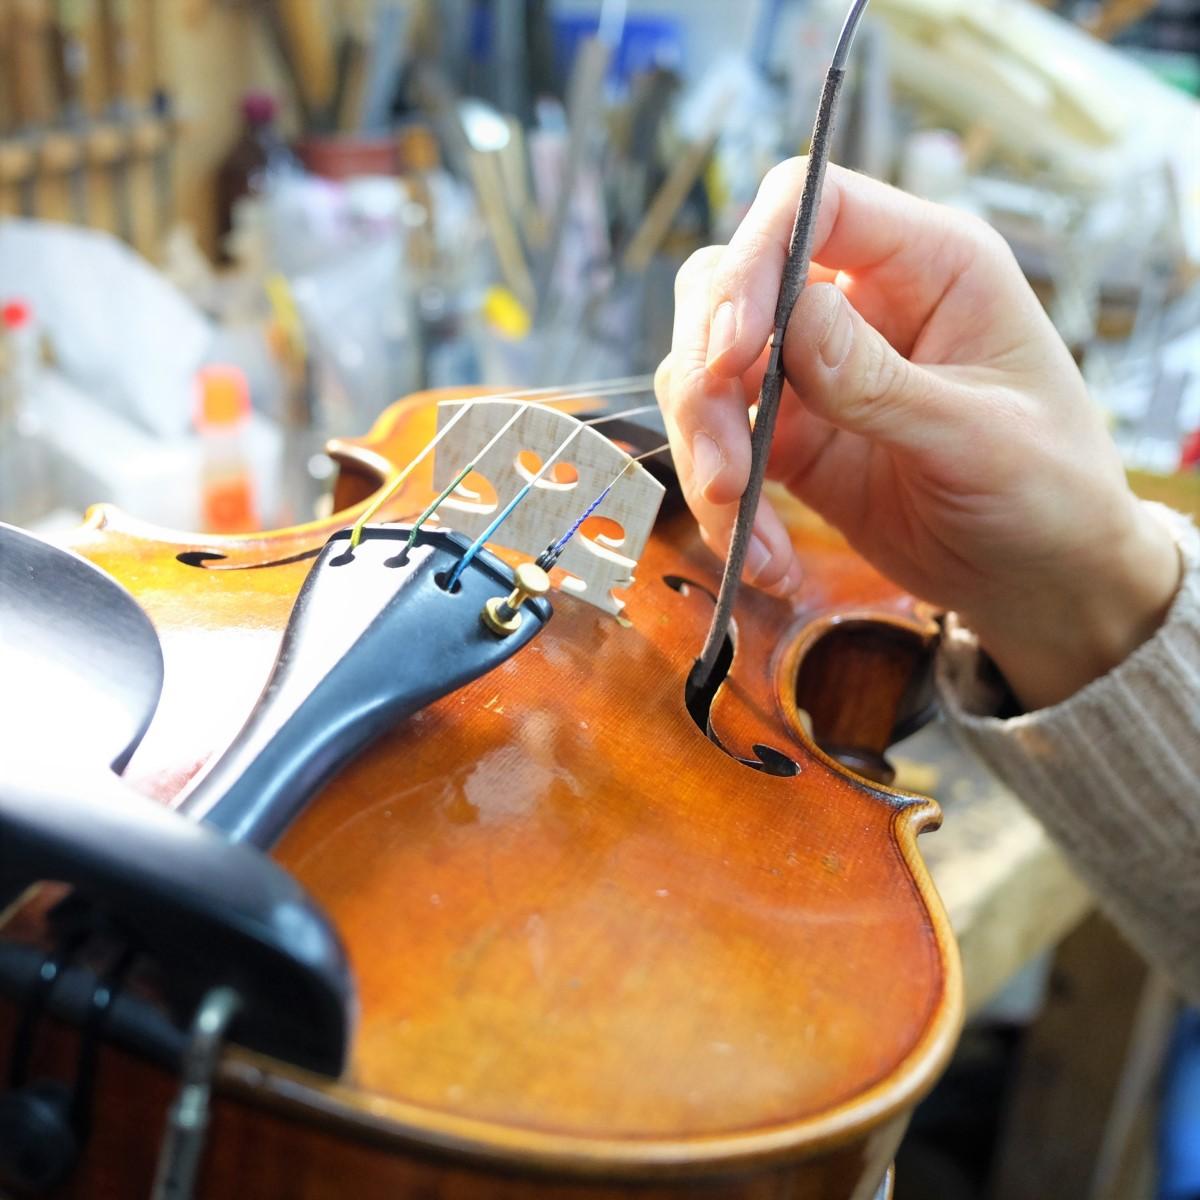 職人がバイオリンの魂柱を調整している手元